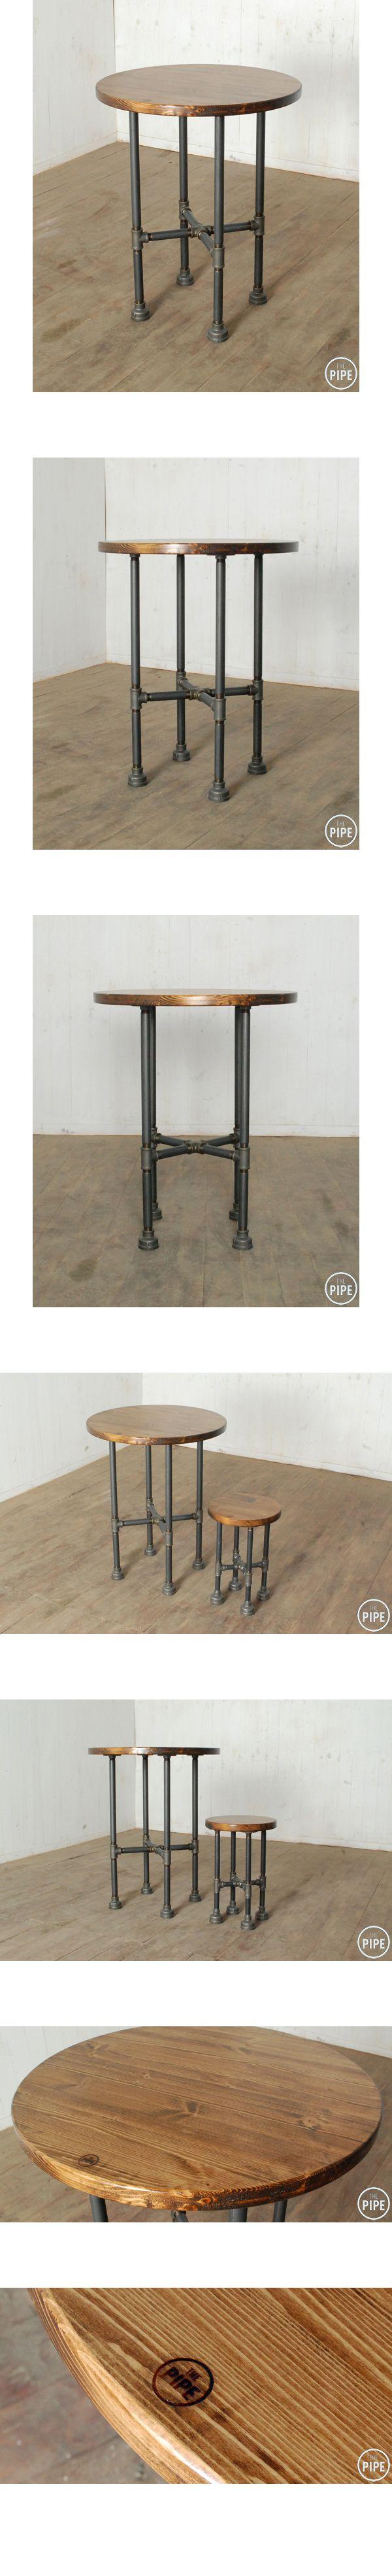 7189cf0d6cc0467a63da573bf75a25d3--pipe-bench-metal-pipe Verwunderlich Lampen Für Den Garten Dekorationen